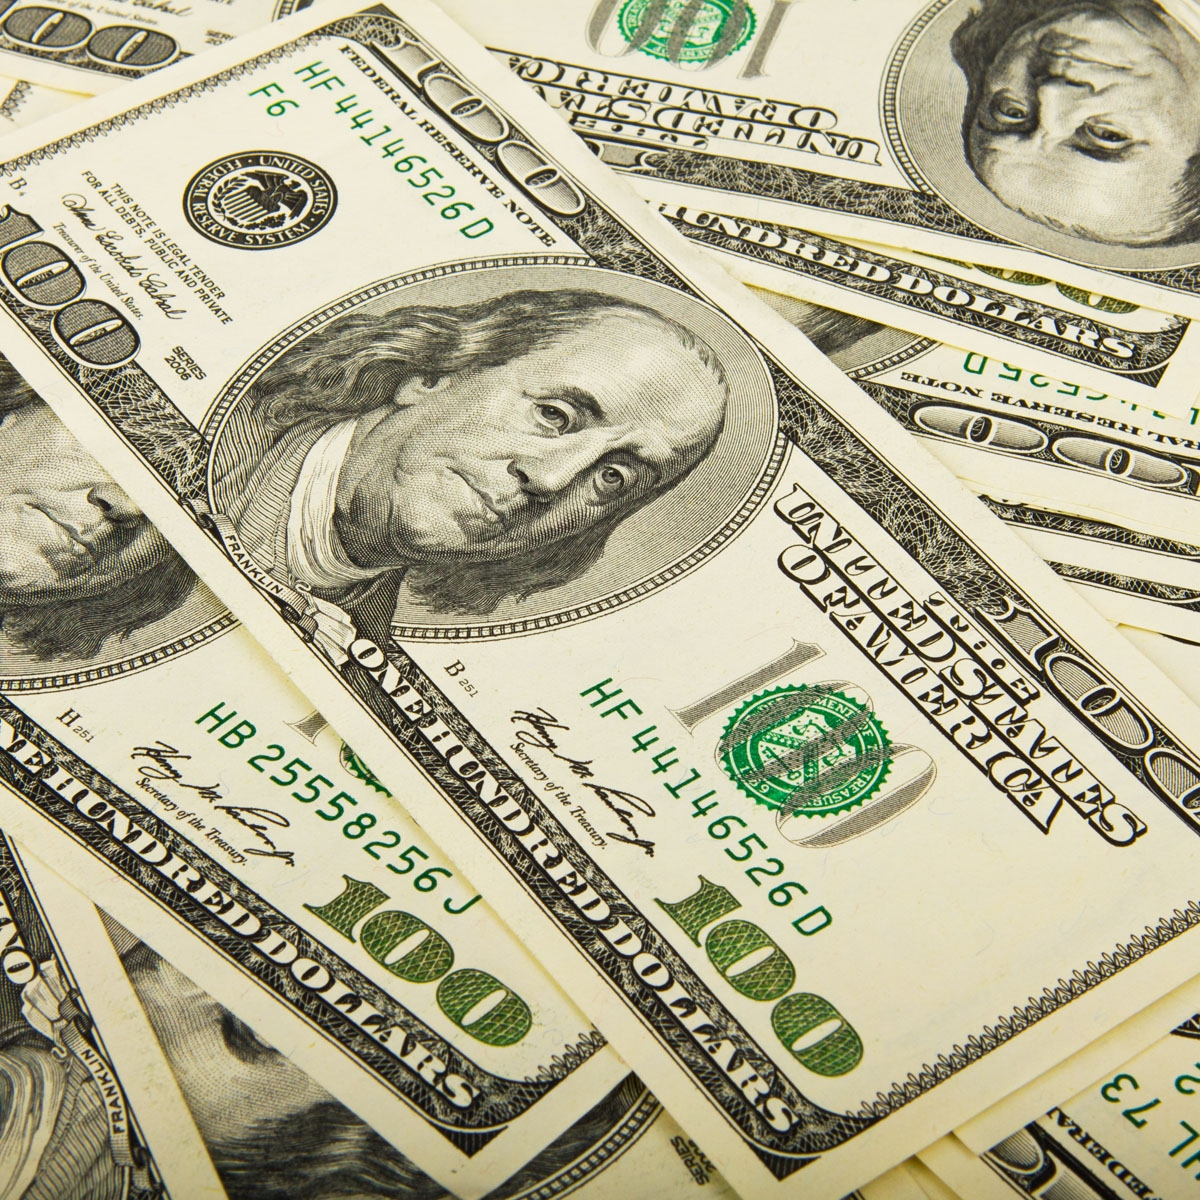 Abrió a $63 después del anuncio de los controles cambiarios — Dólar hoy